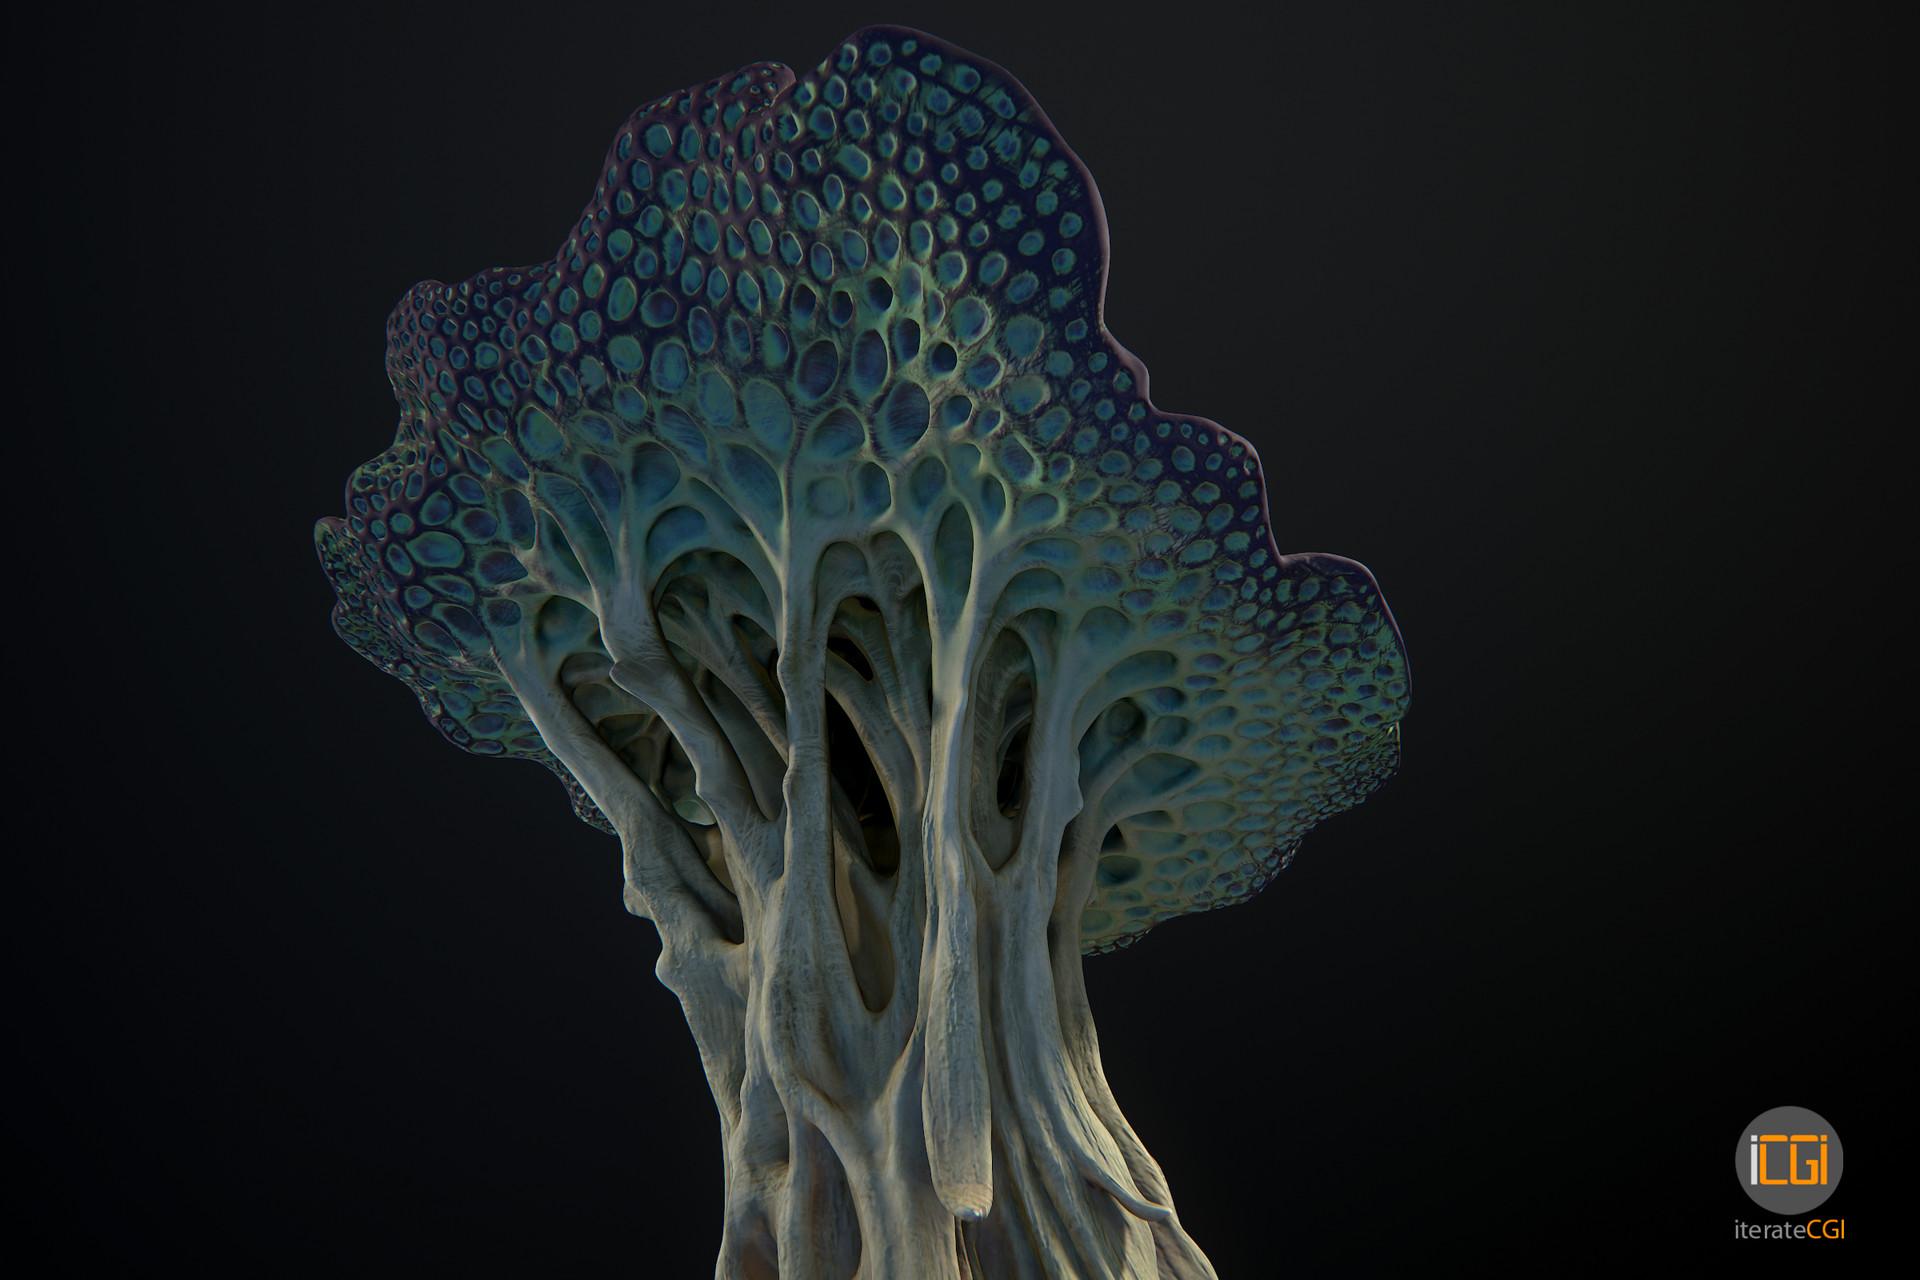 Johan de leenheer alien plant mushroom type2 11